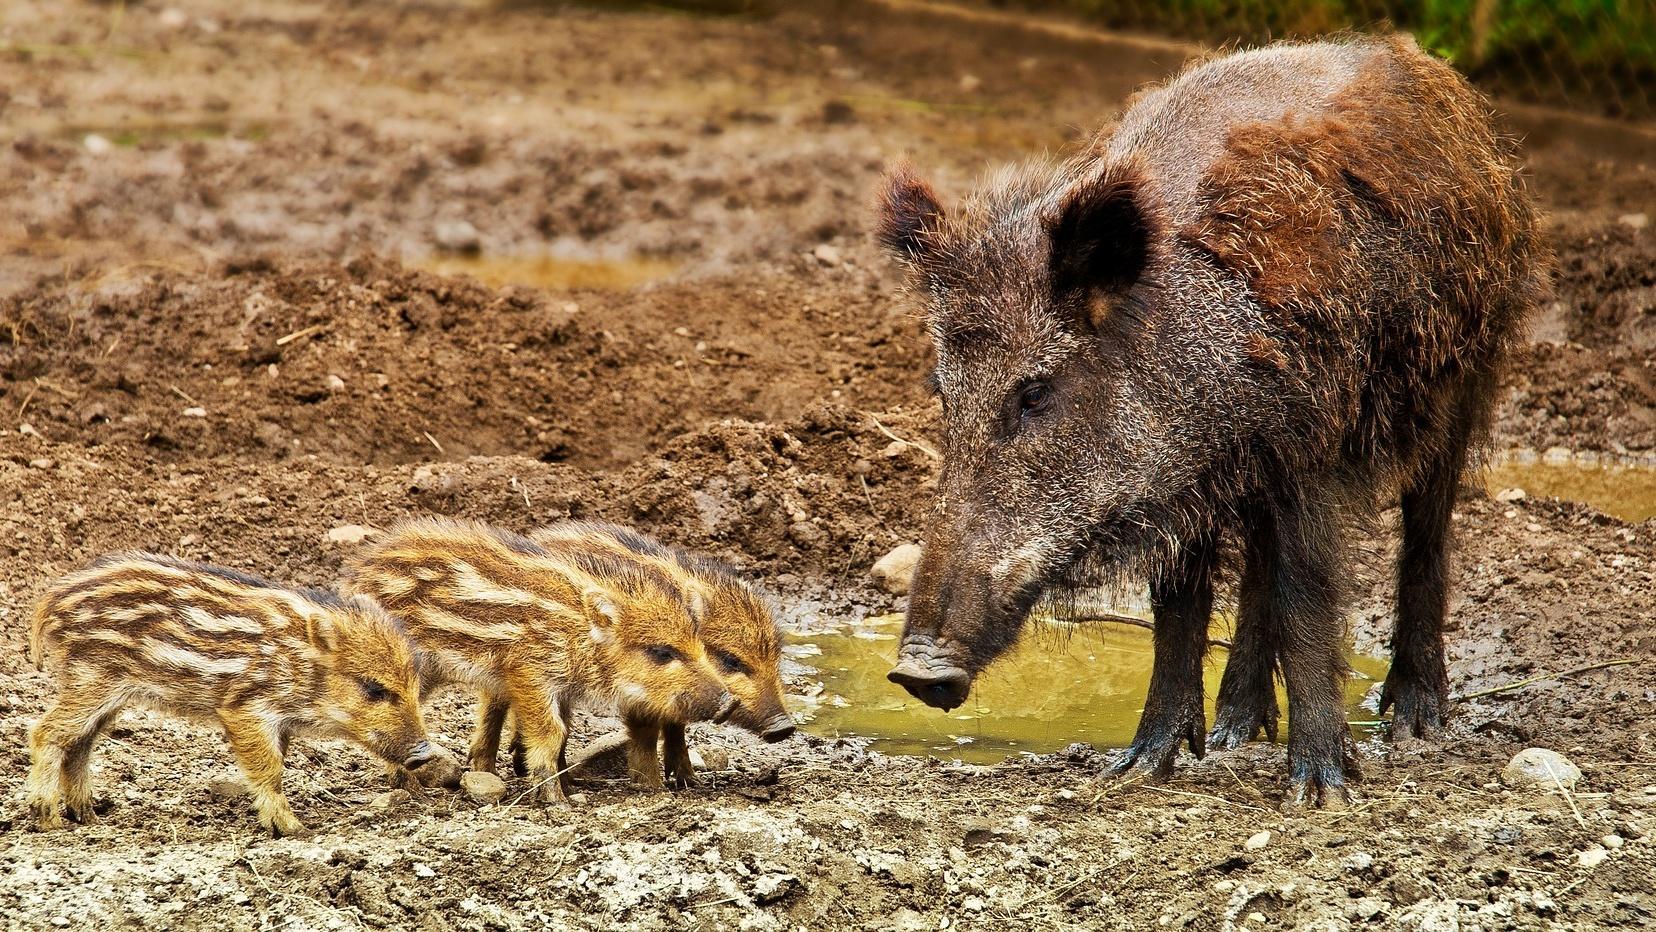 Schonzeiten schützen das Wild und garantieren deren Artenerhalt.